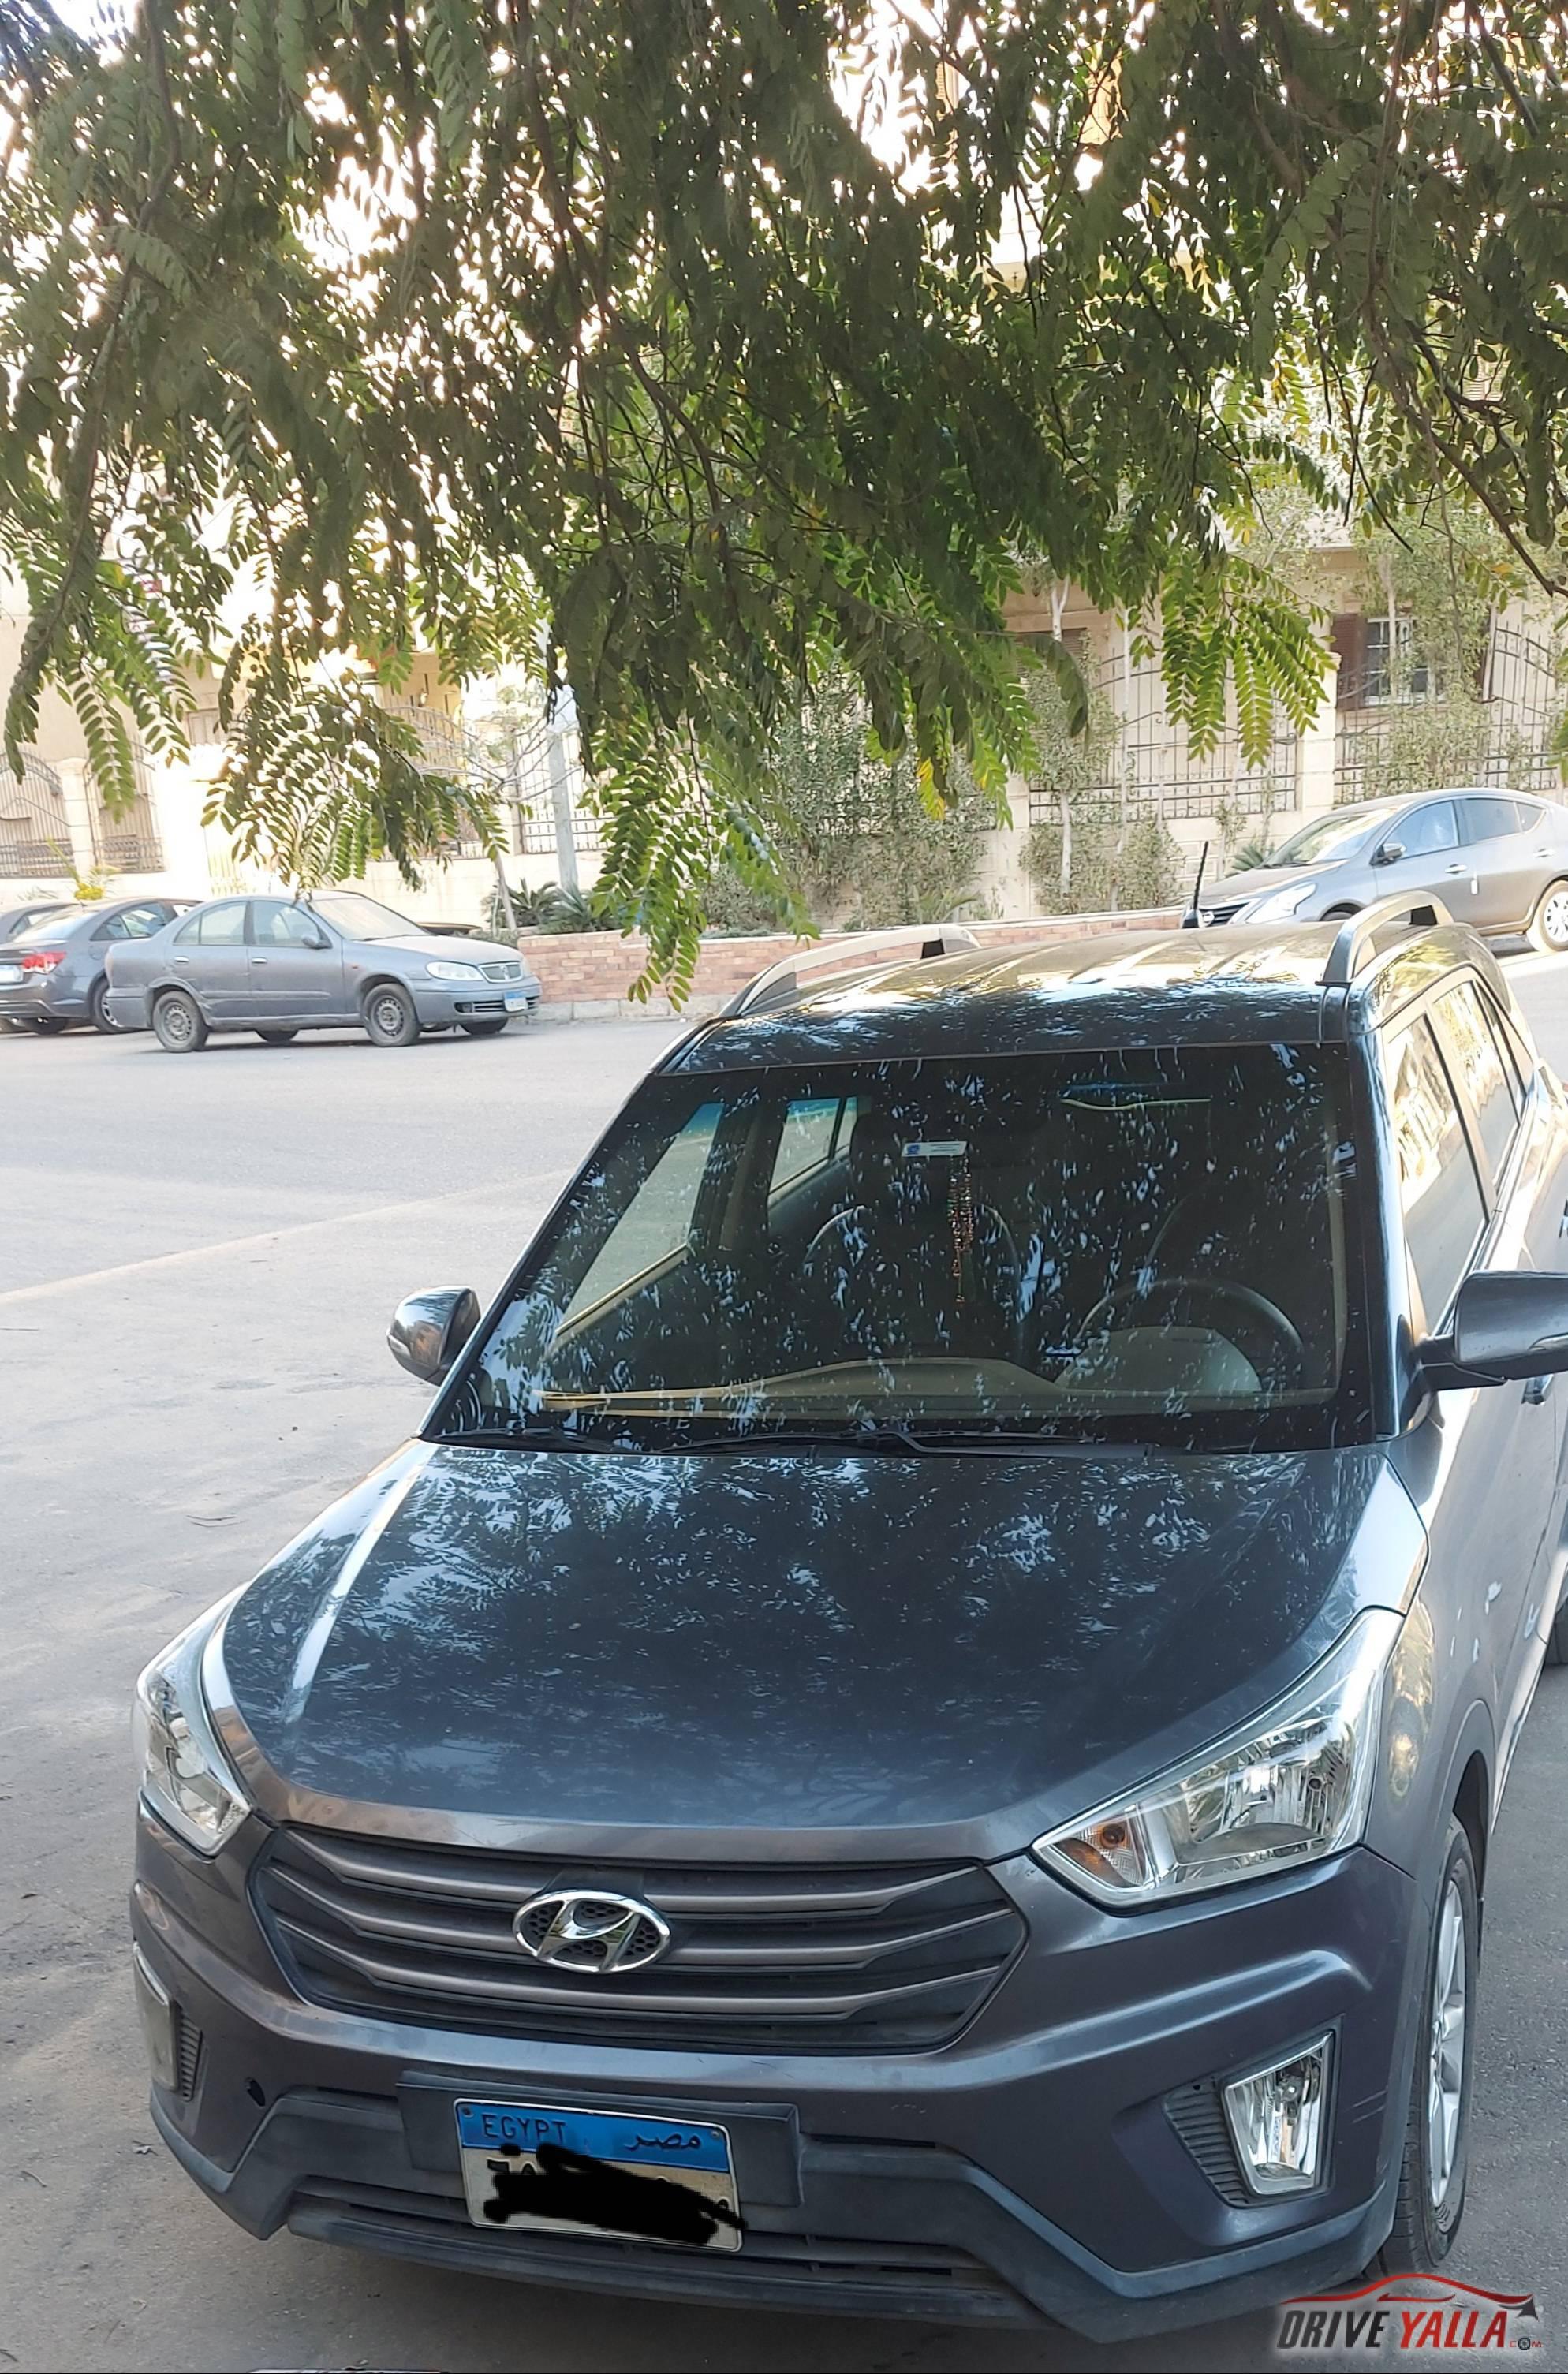 هيواندى كريتا  مستعملة للبيع فى مصر ٢٠١٦